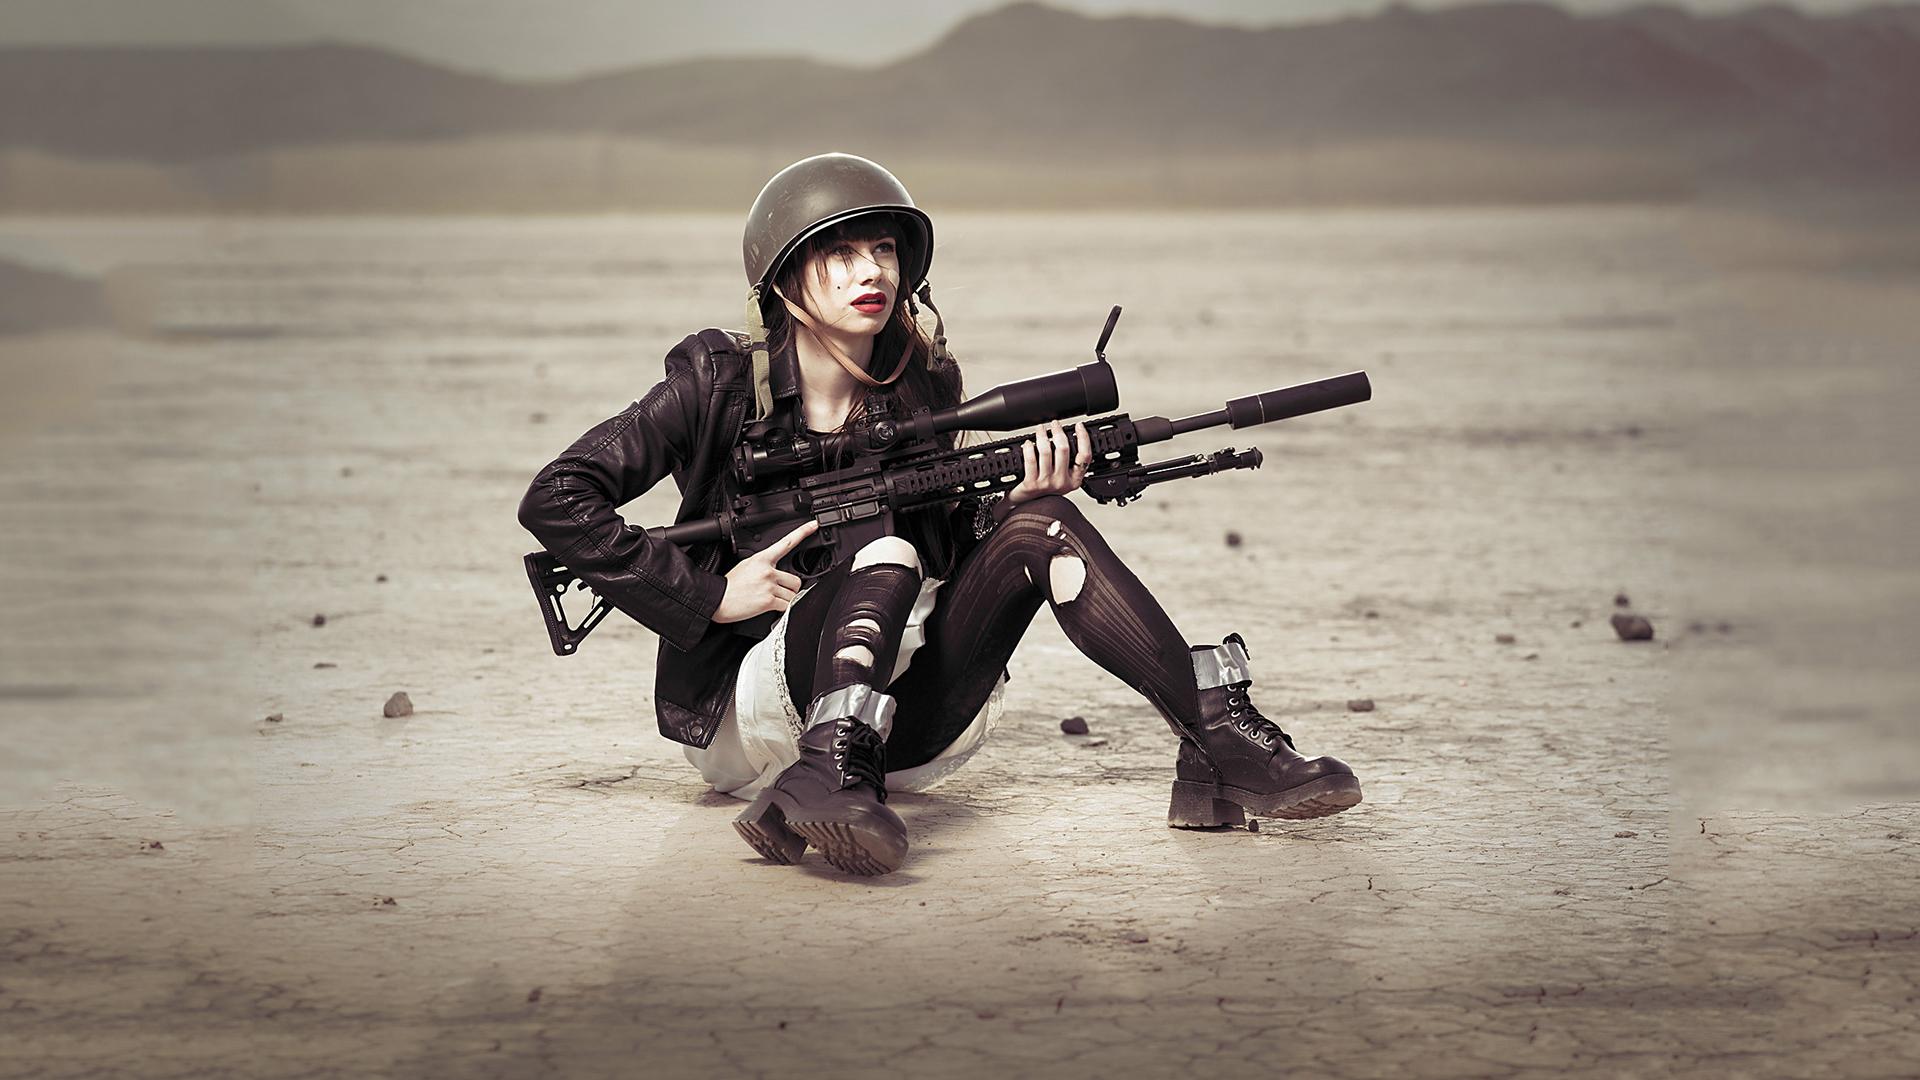 cool sniper pics - HD1920×1080